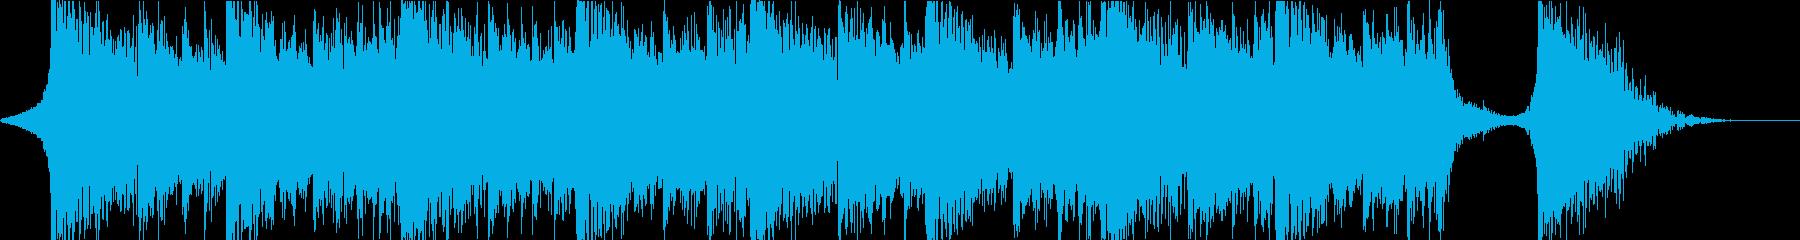 シネマティクオーケストラ・切なくて重厚の再生済みの波形